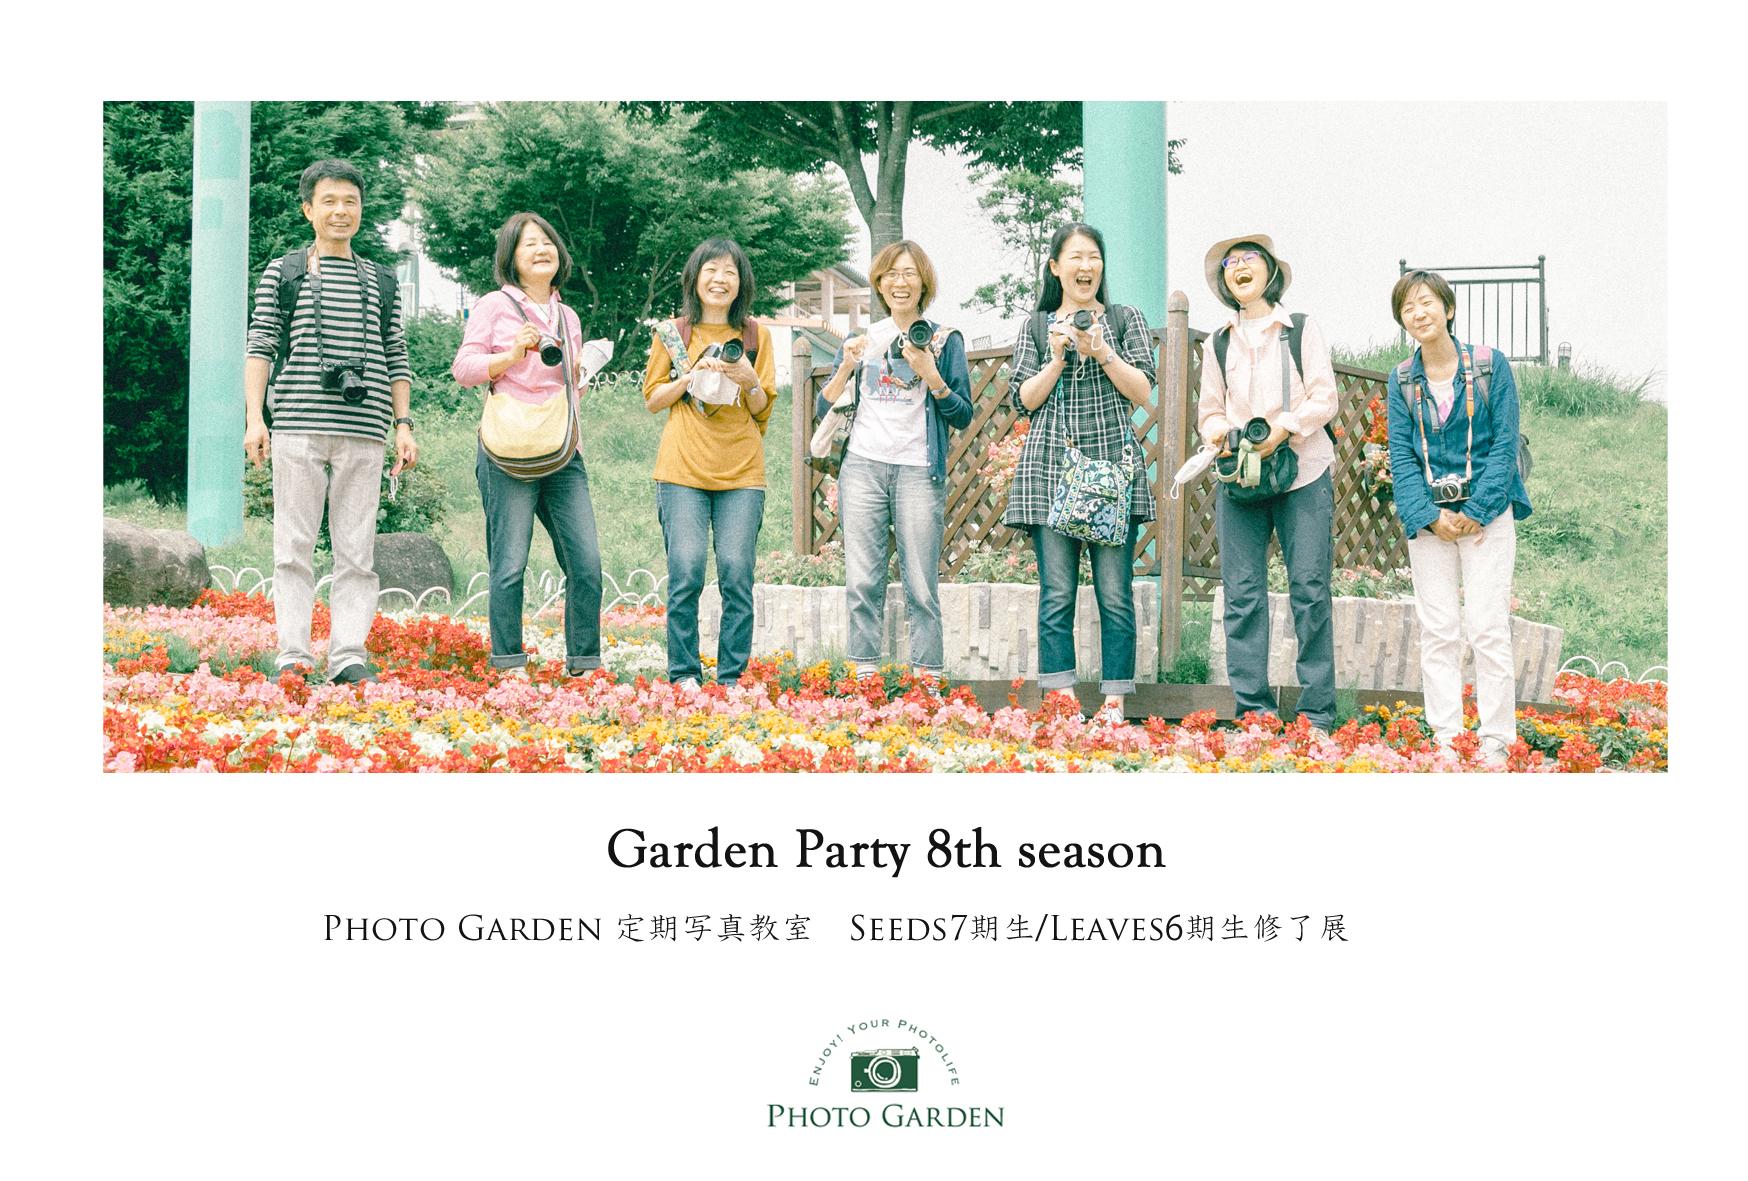 PHOTO GARDEN 定期写真教室 修了展『Garden Party 8th season』